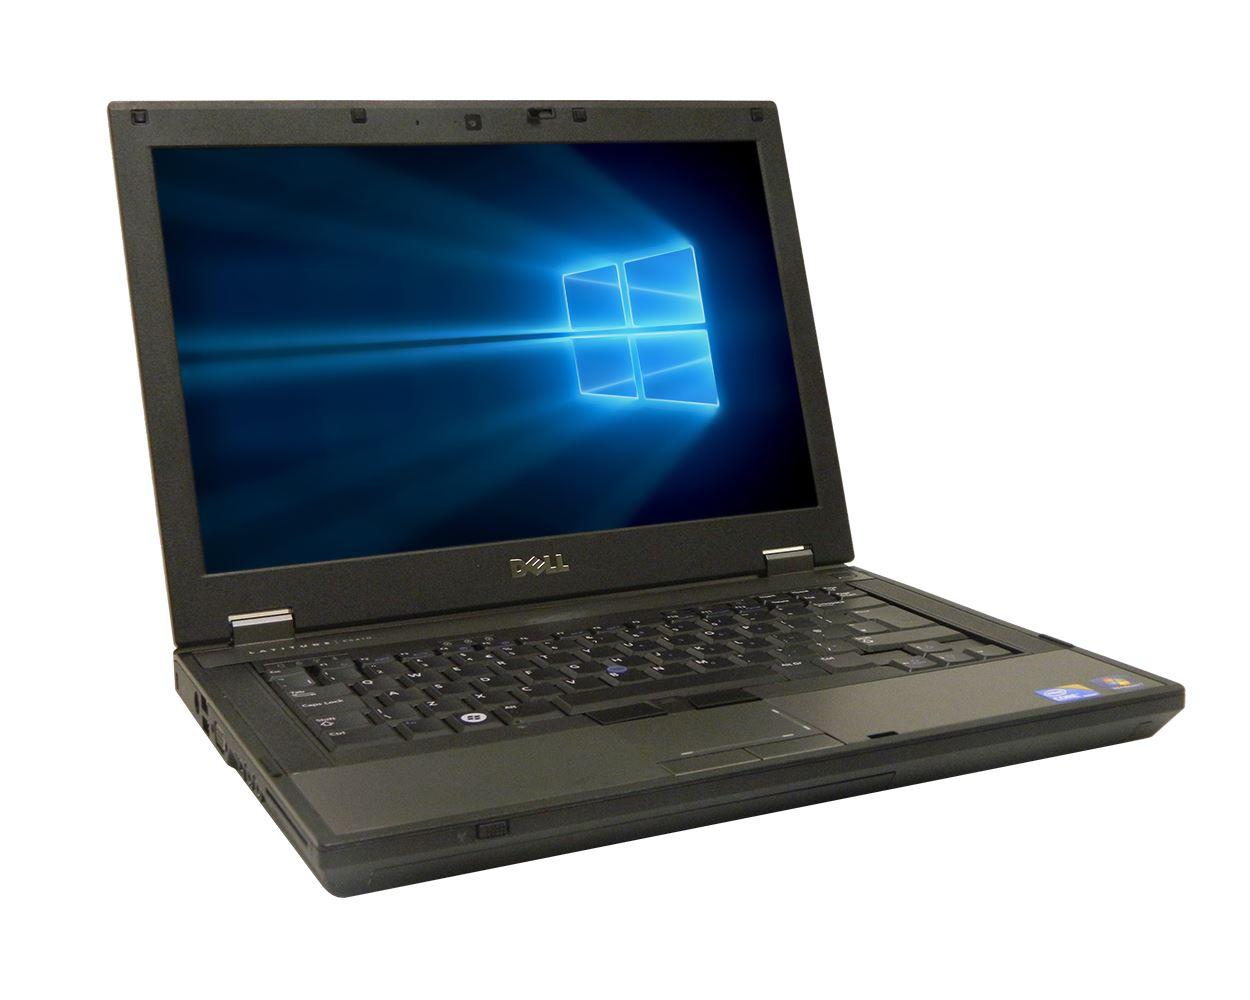 dell latitude e5410 laptop